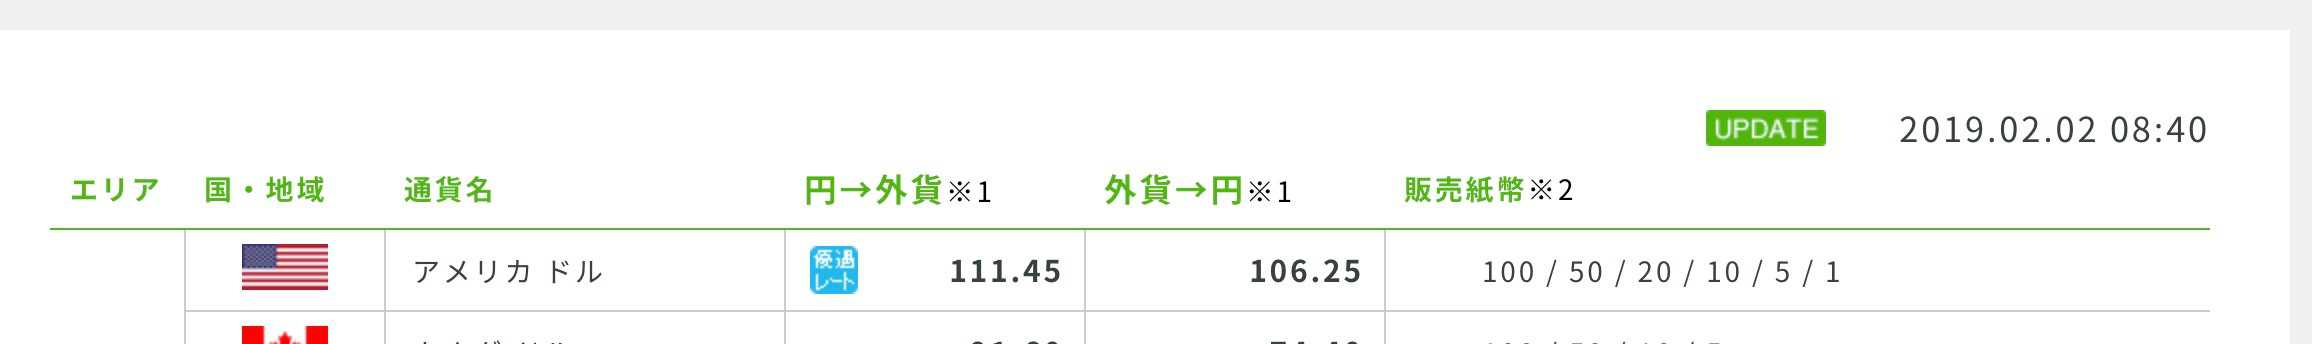 羽田USD 2018 2 2